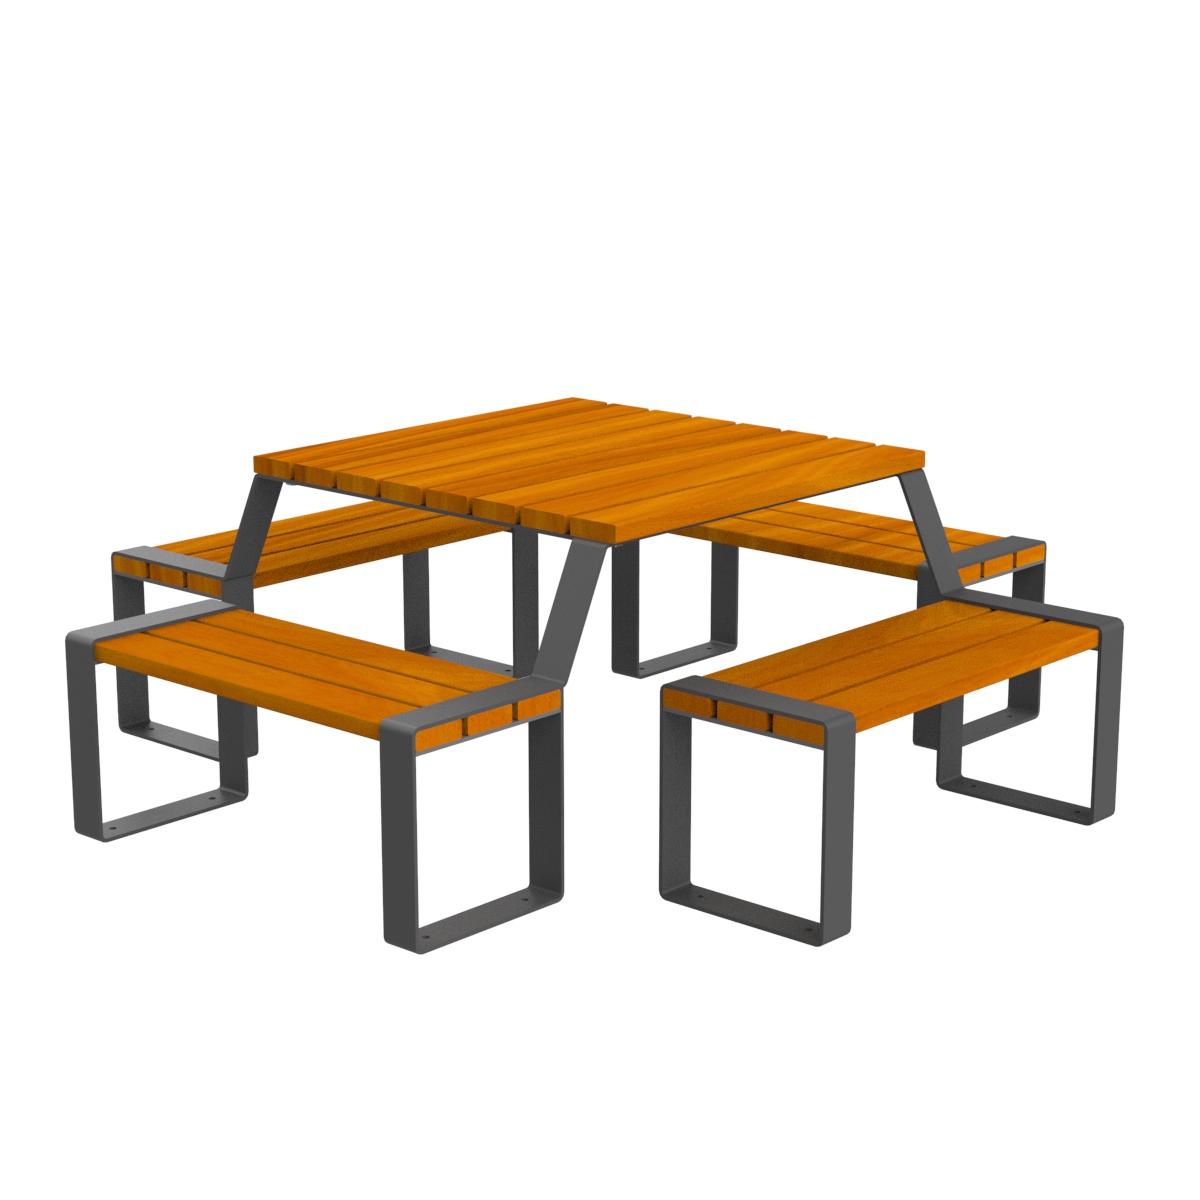 Mesa picnic marina madera mobiliario urbano parques y jardines for Mobiliario urbano tipos